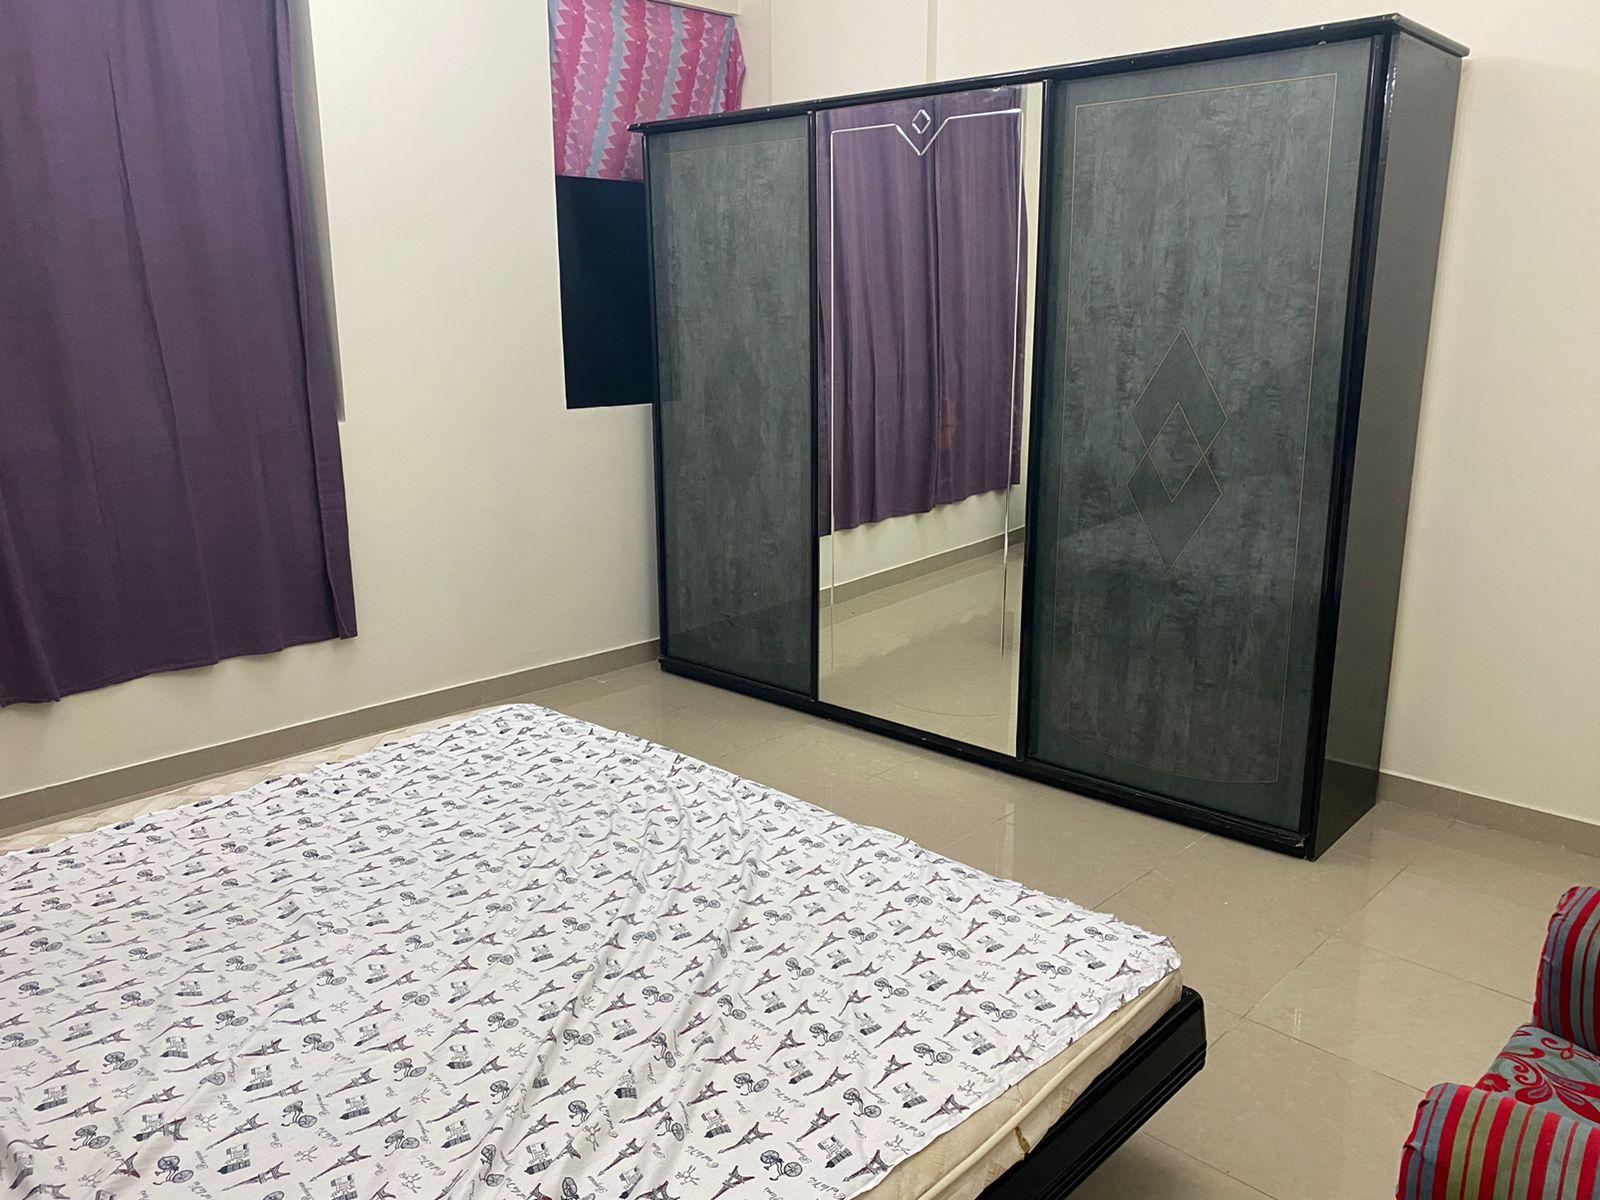 Standard Room for Rent